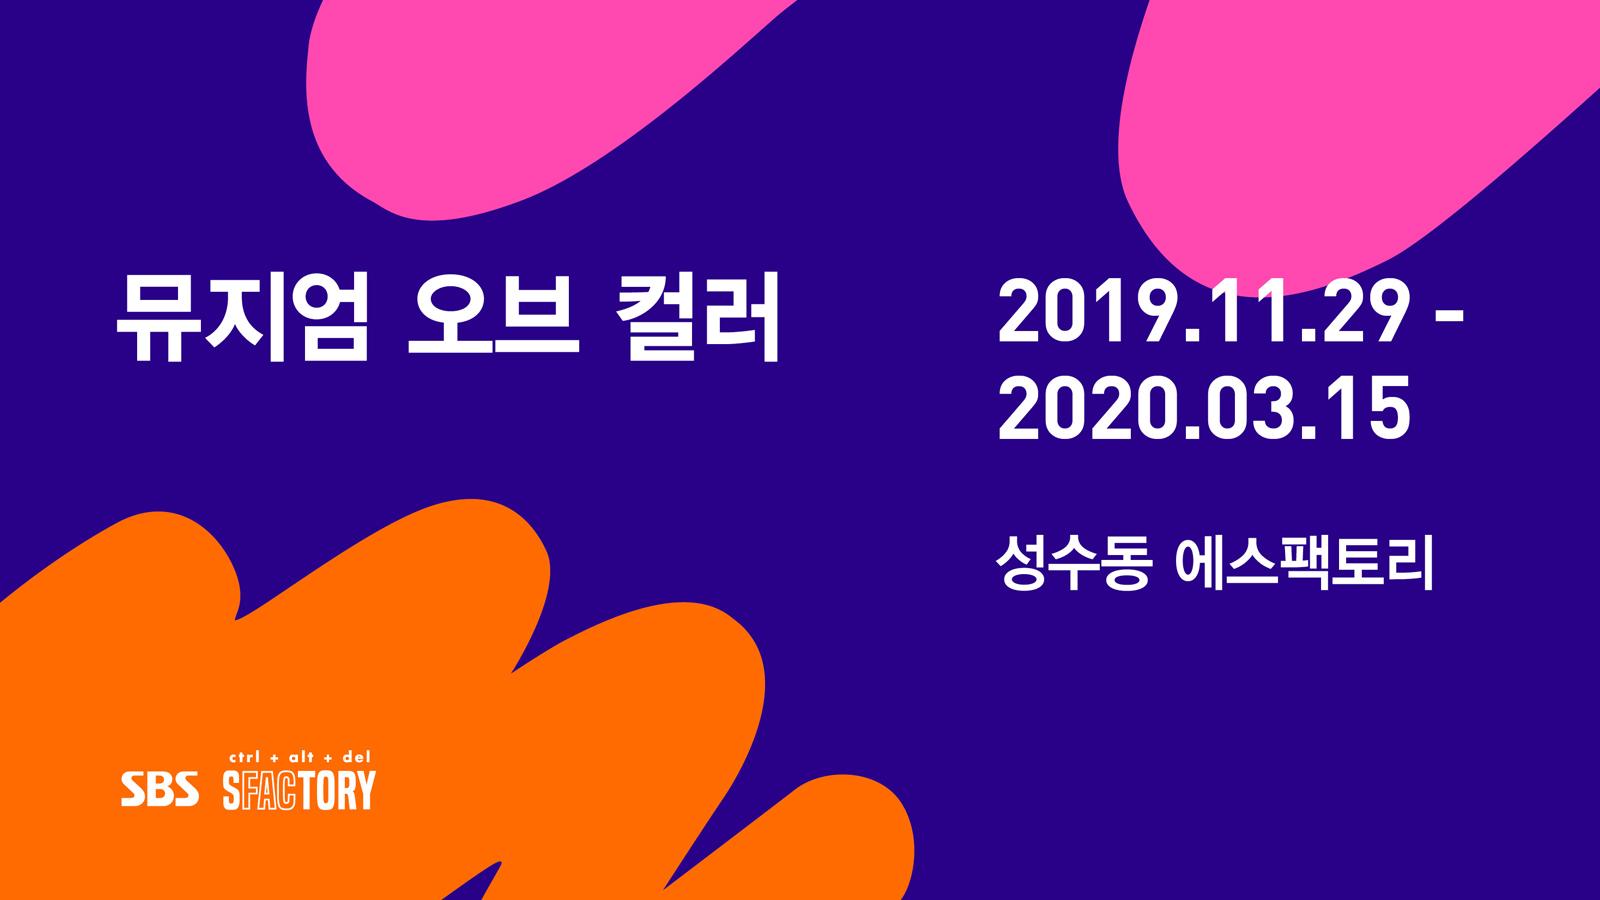 뮤지엄오브컬러  <br>2019.11.29 - 2020.03.15 에스팩토리 (서울 성동구)